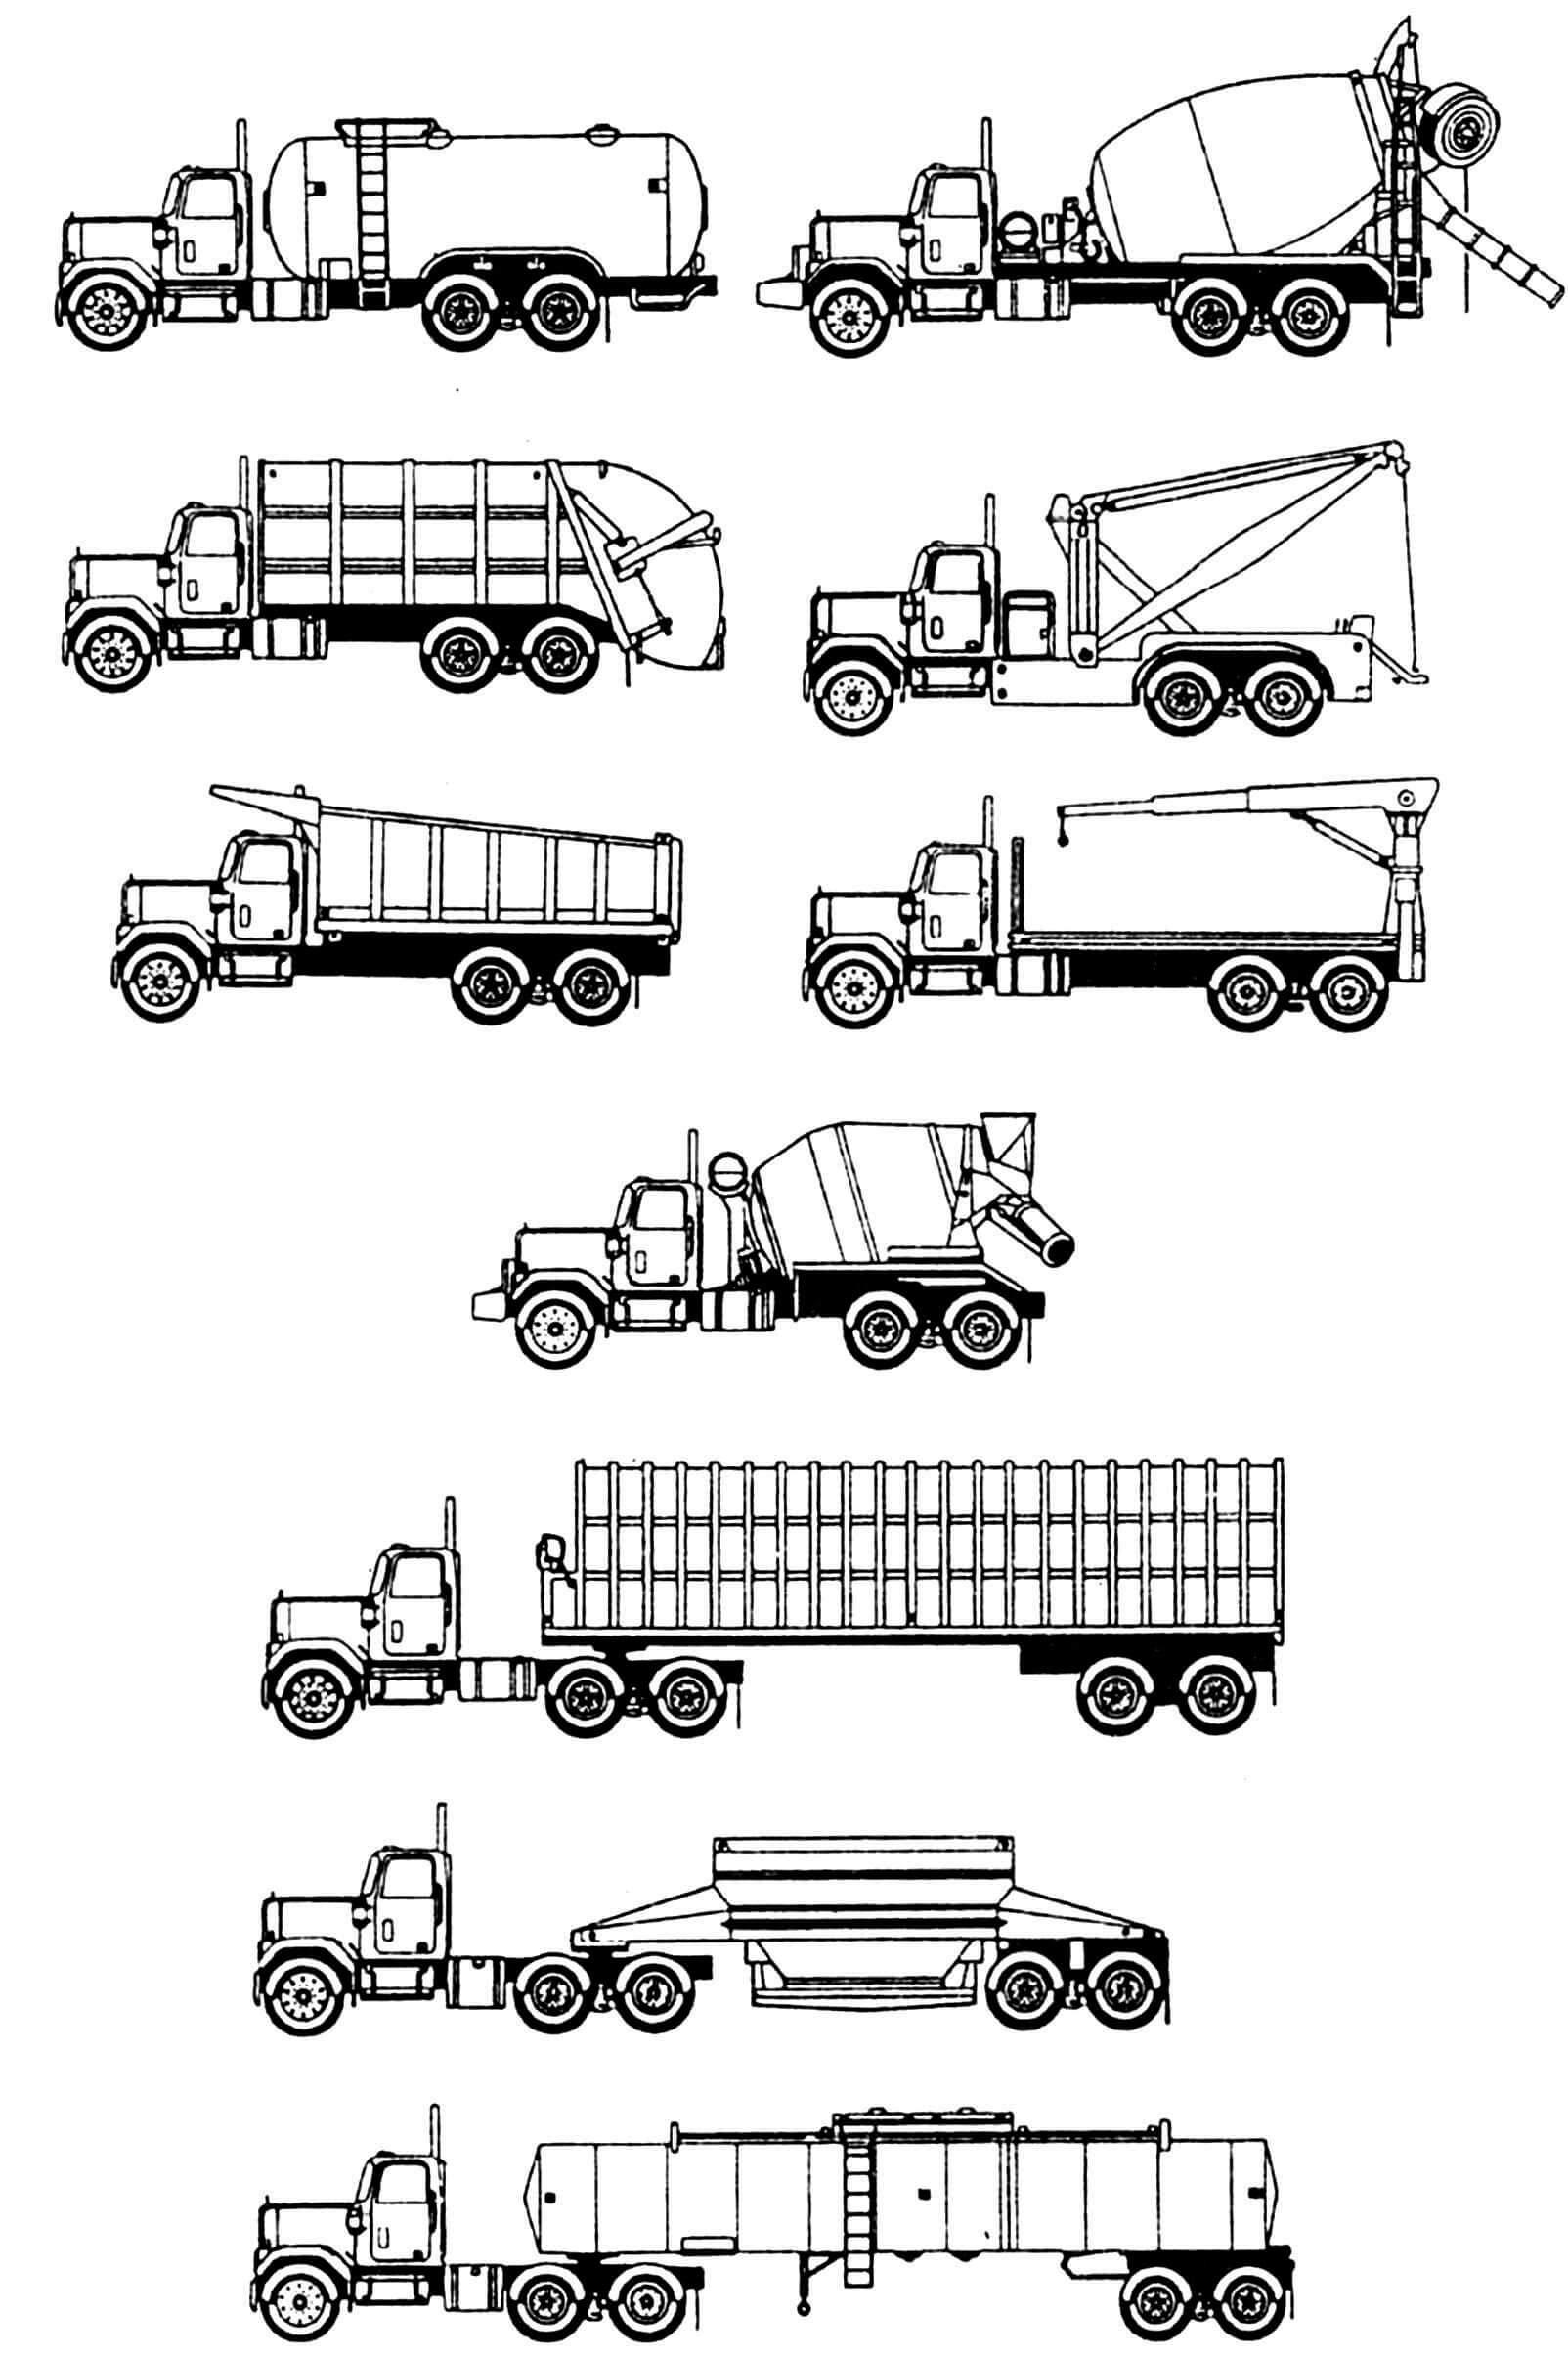 Возможные варианты компоновки автомобилей (оперение короткое).